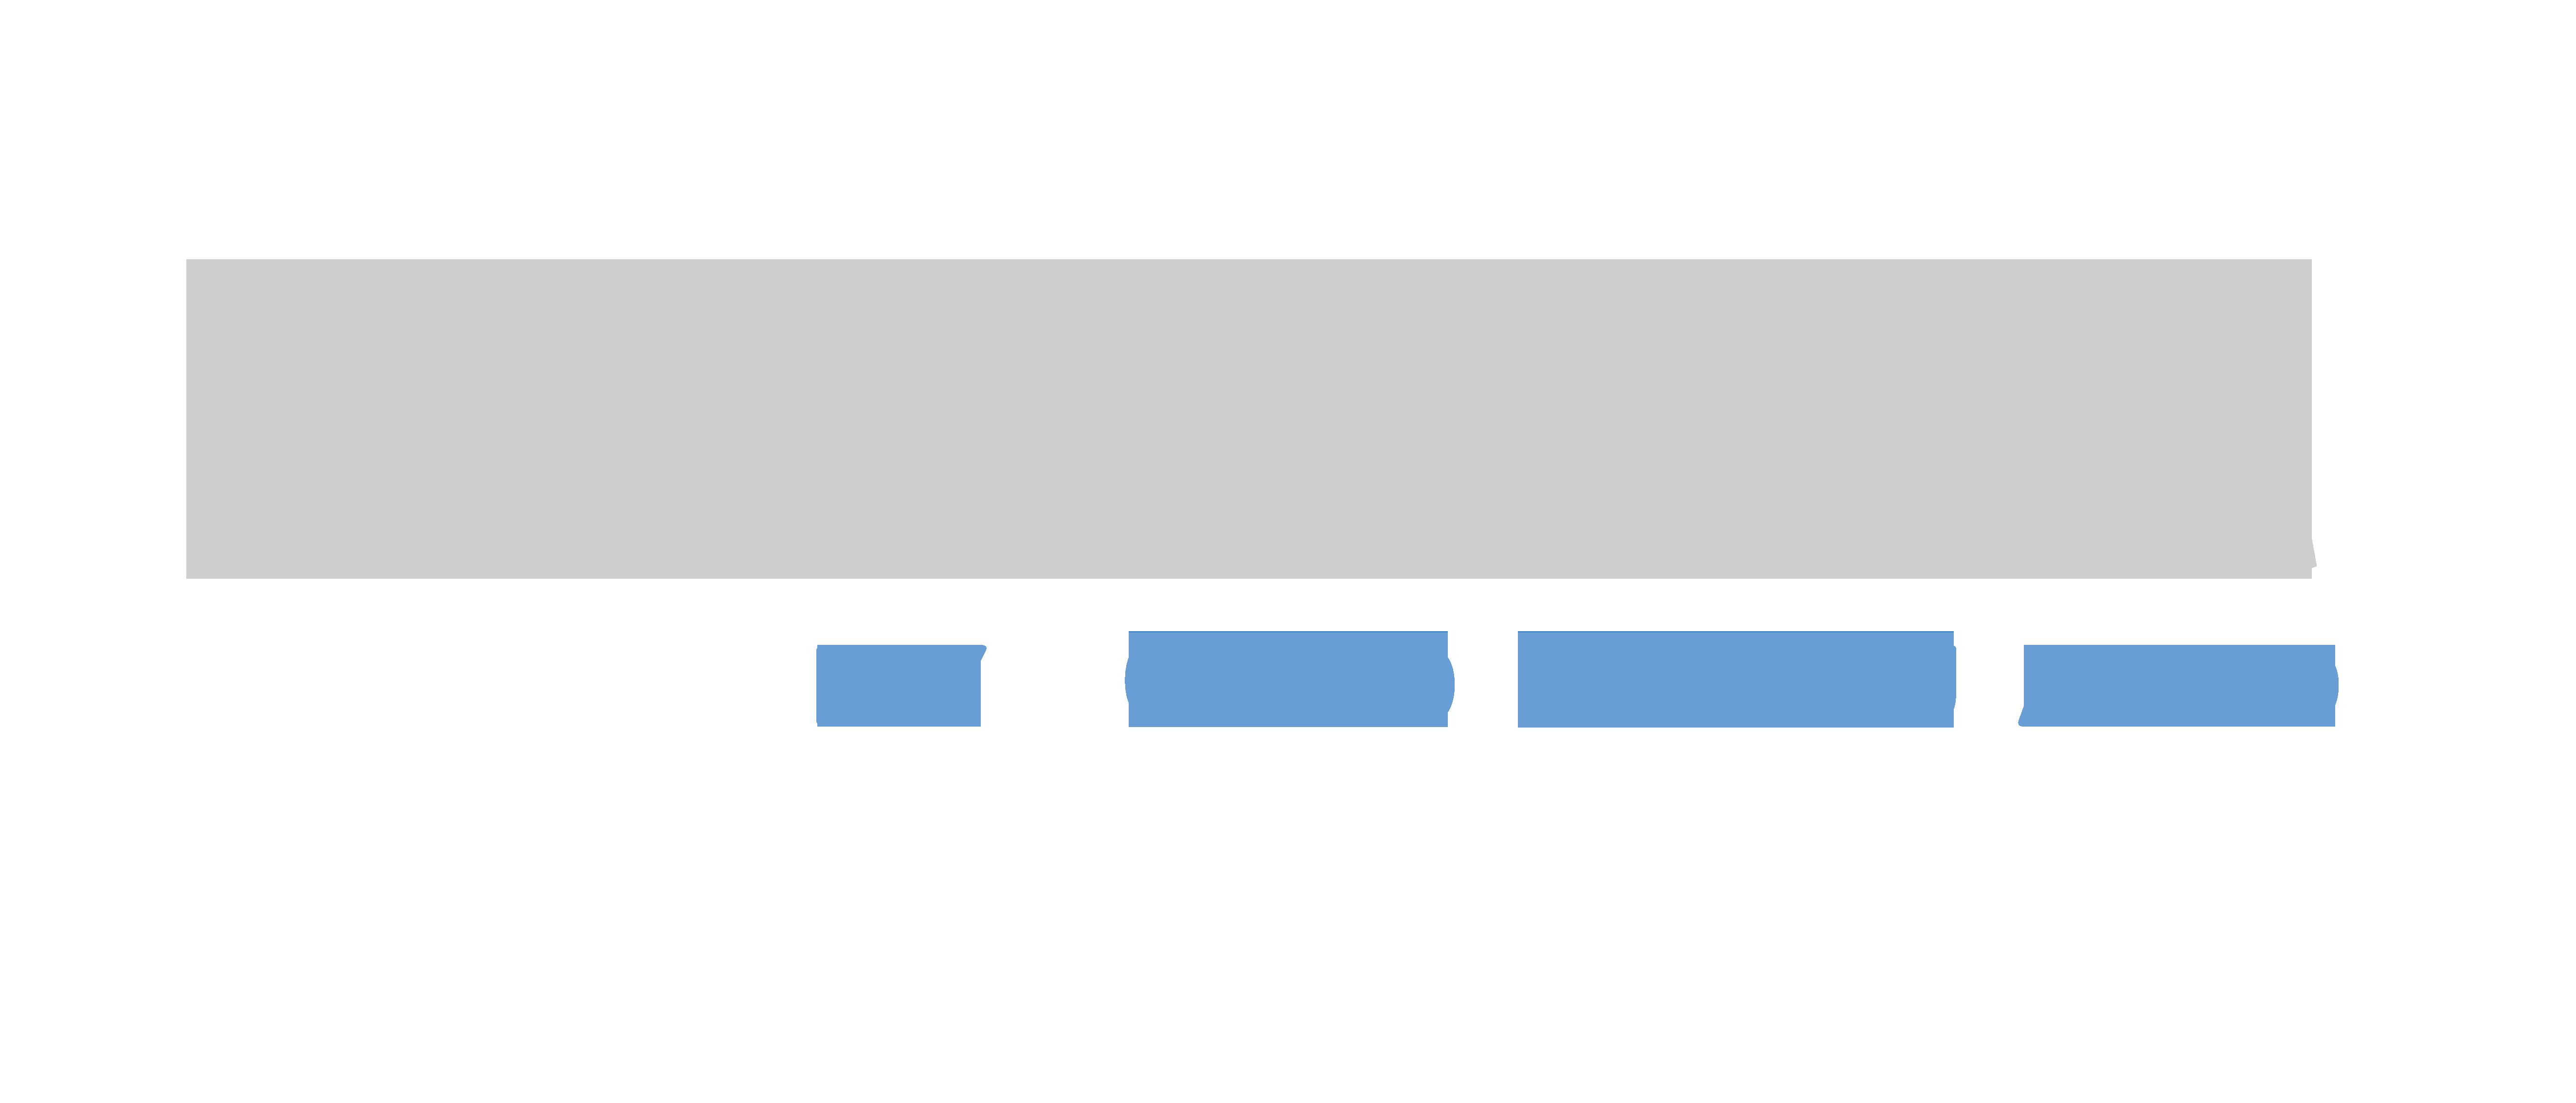 Pro Gauntlet